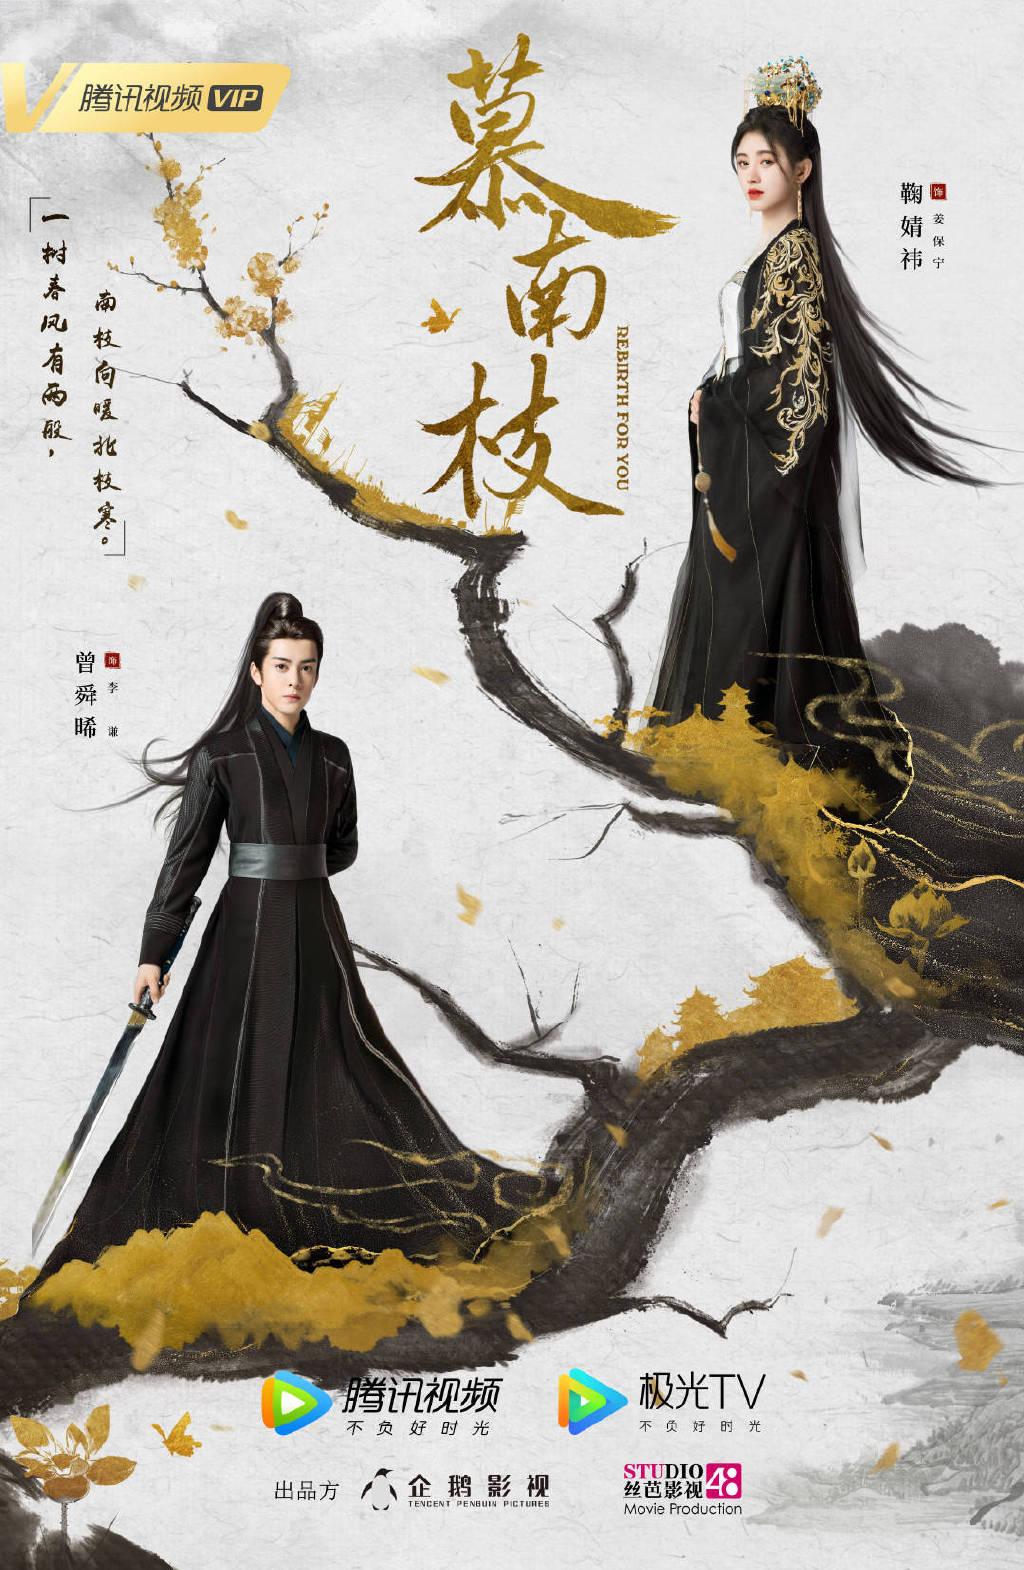 电视剧《慕南枝》官宣,男女主海报刚出来就被骂惨,粉丝:实惨